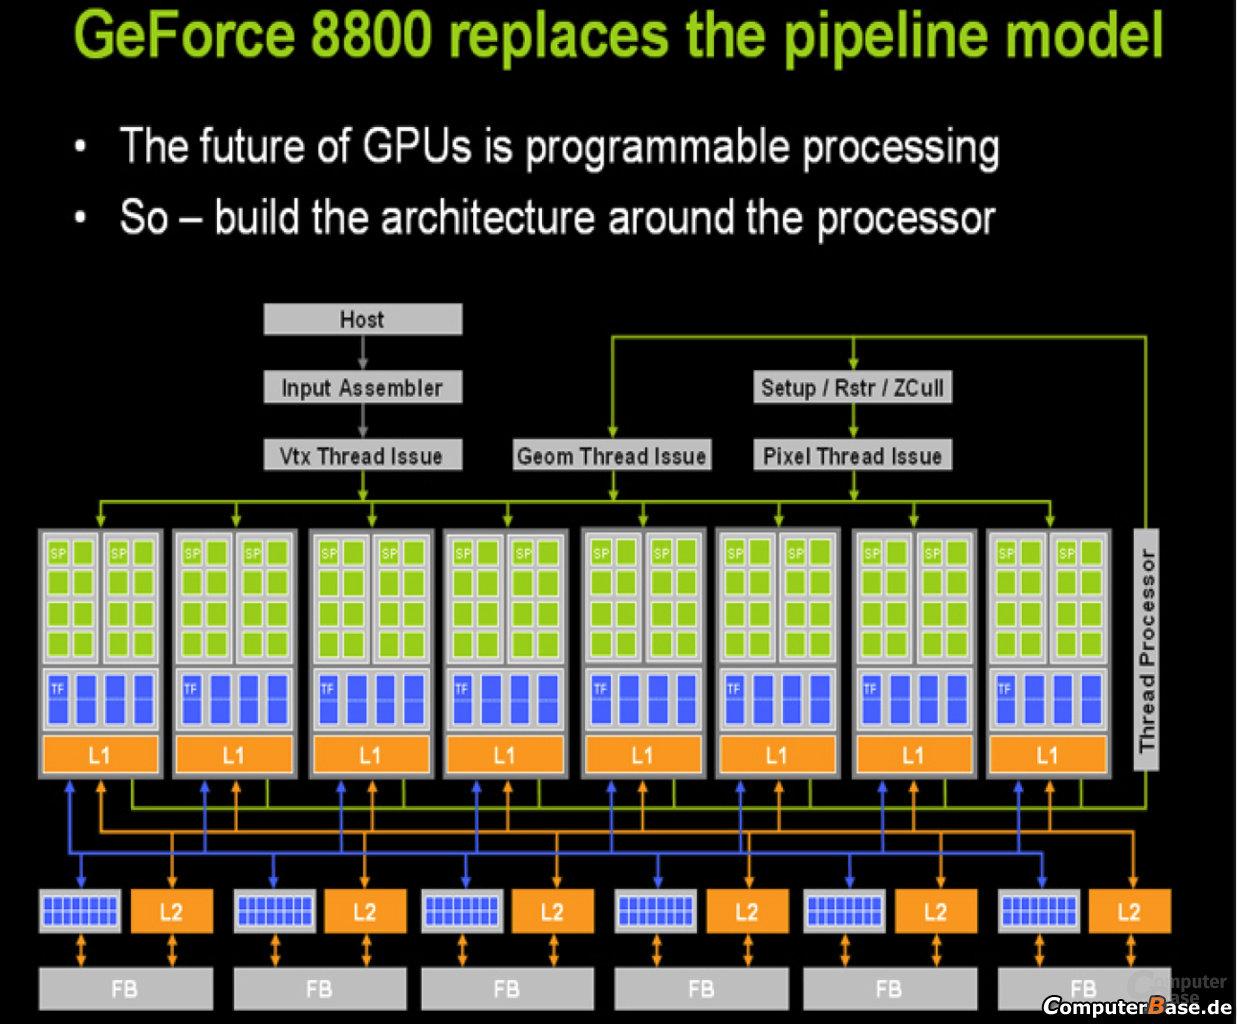 G80-Architektur